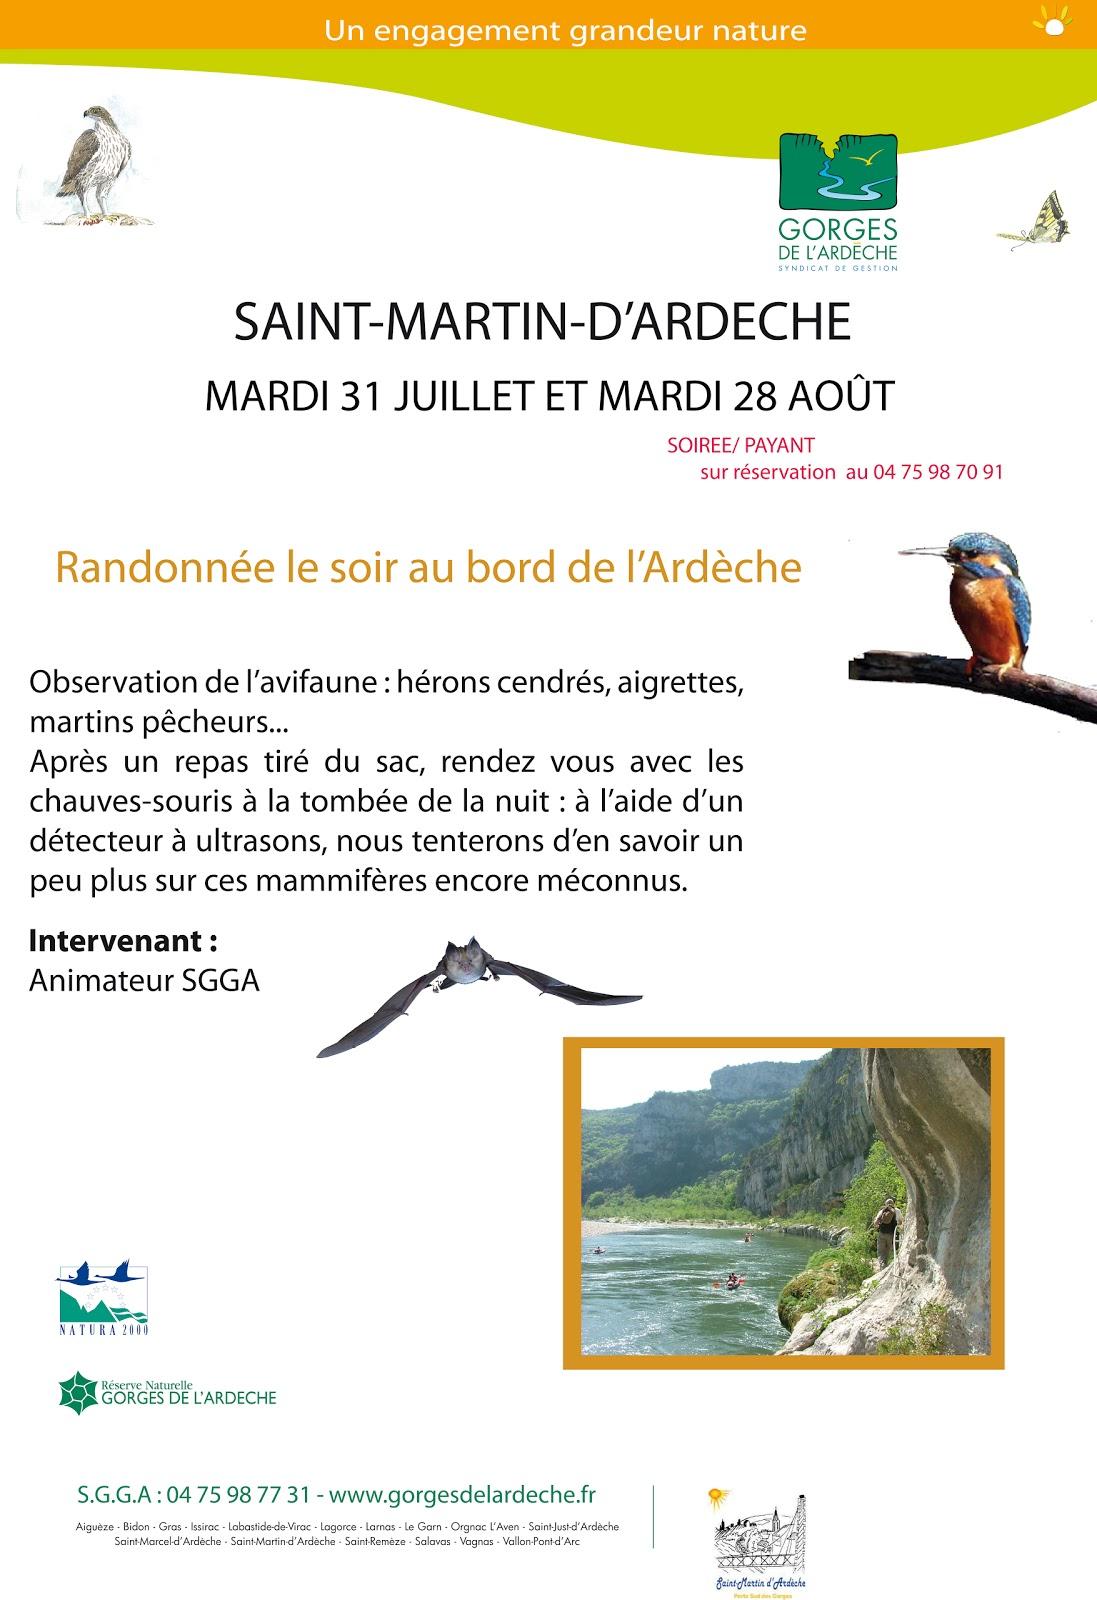 Syndicat de gestion des gorges de l 39 ard che saint martin - Office de tourisme saint martin d ardeche ...